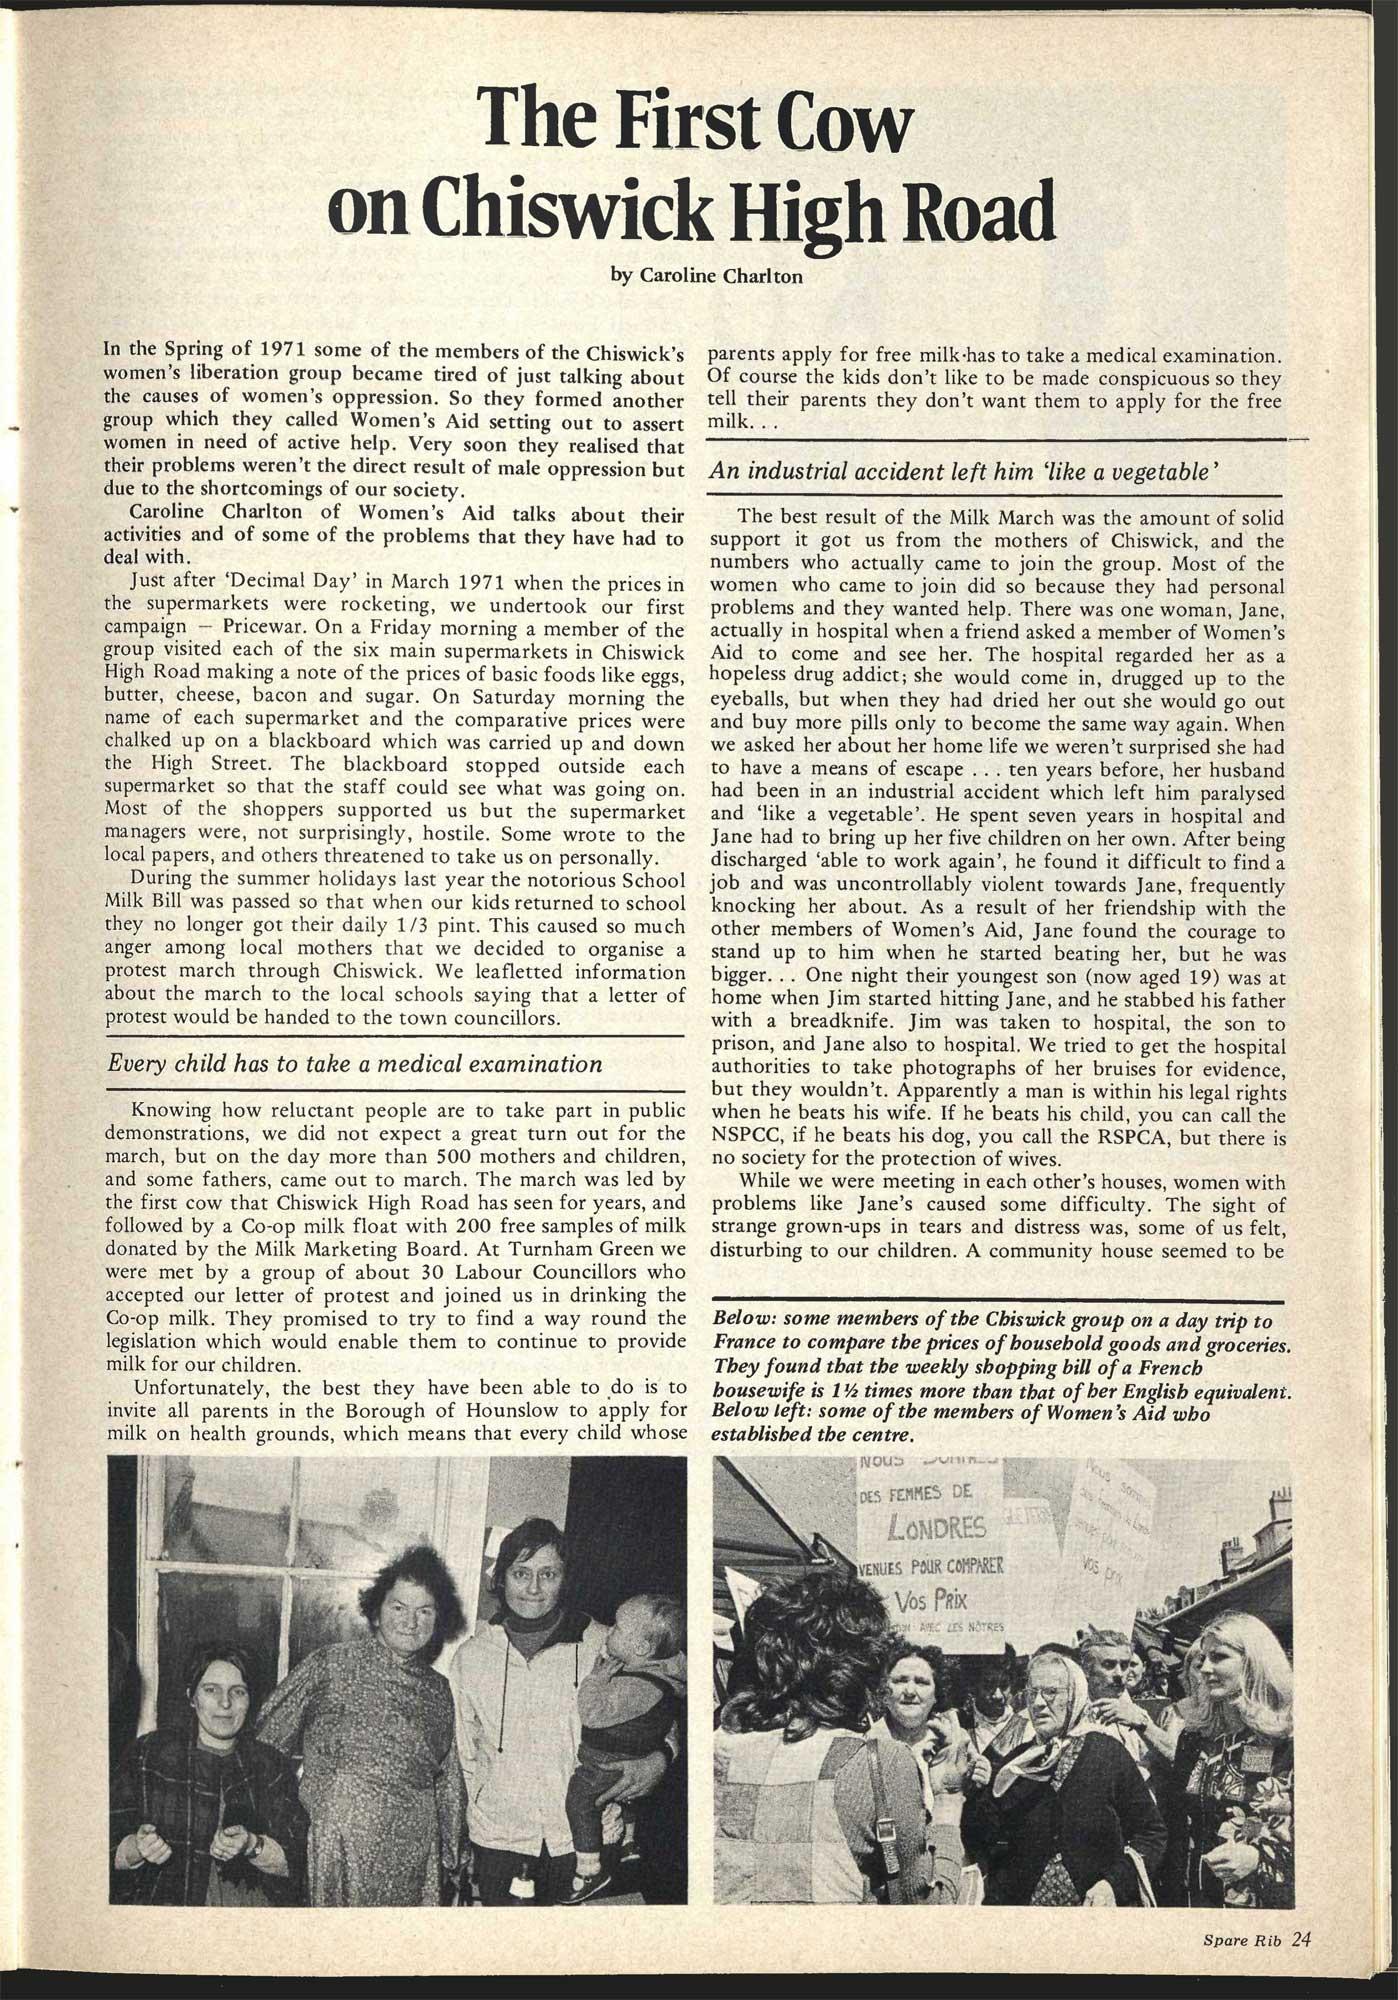 Spare Rib magazine issue 1 p. 25